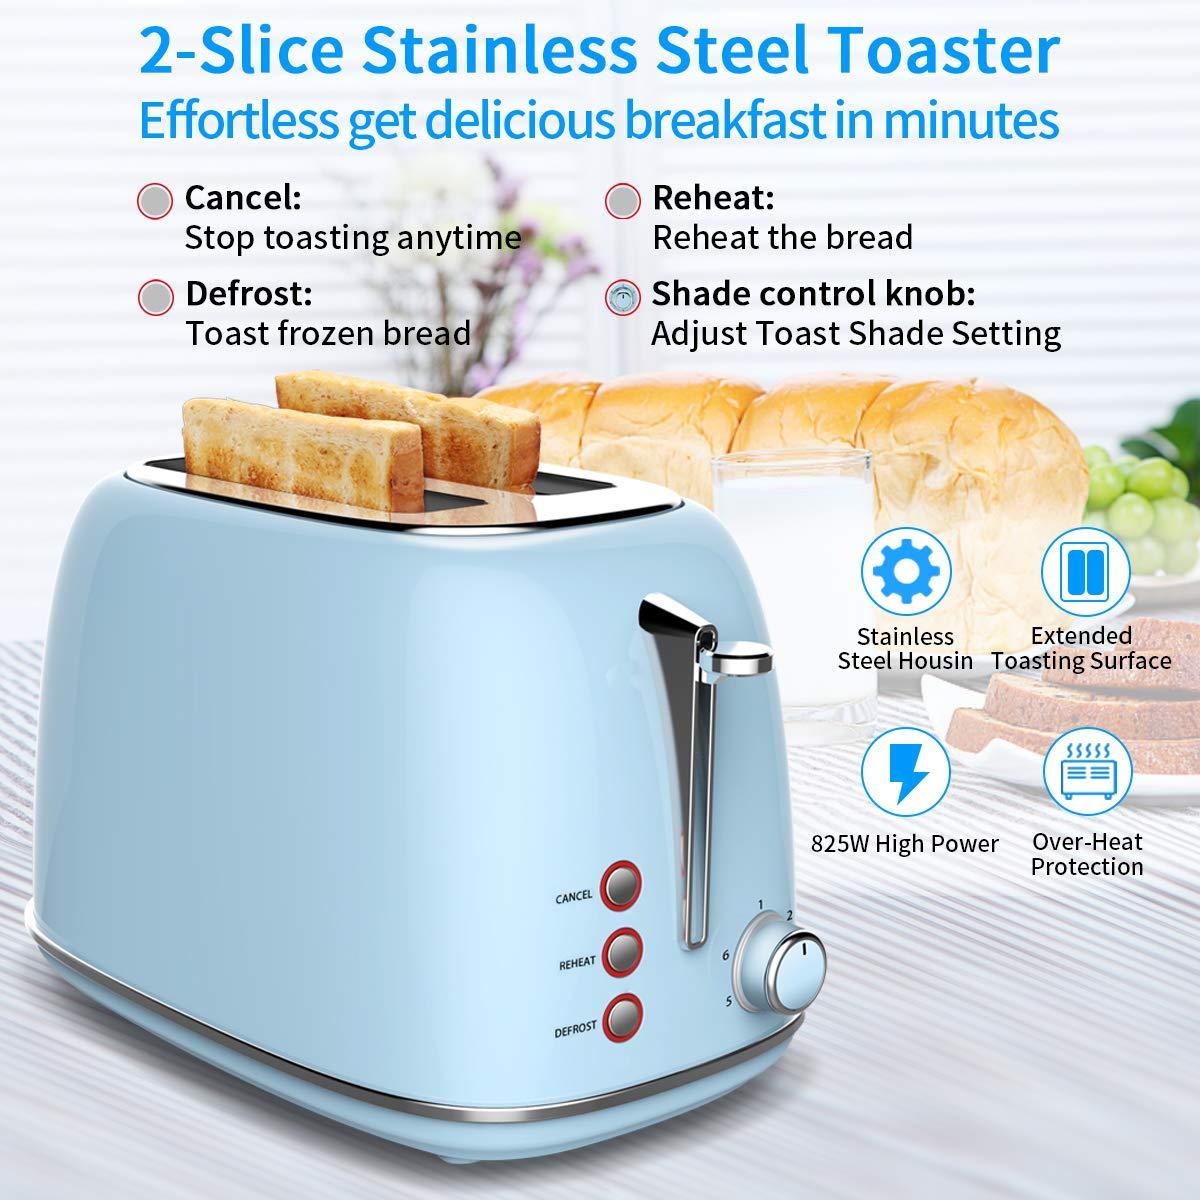 Grille-Pain Automatique,morpilot Grille Pain Inox avec 2 Fentes Extra Larges - Toaster Pain avec Décongeler Réchauffer et Annuler + 6 Niveaux de Brunissage Réglable + Tiroir de Miettes Amovible